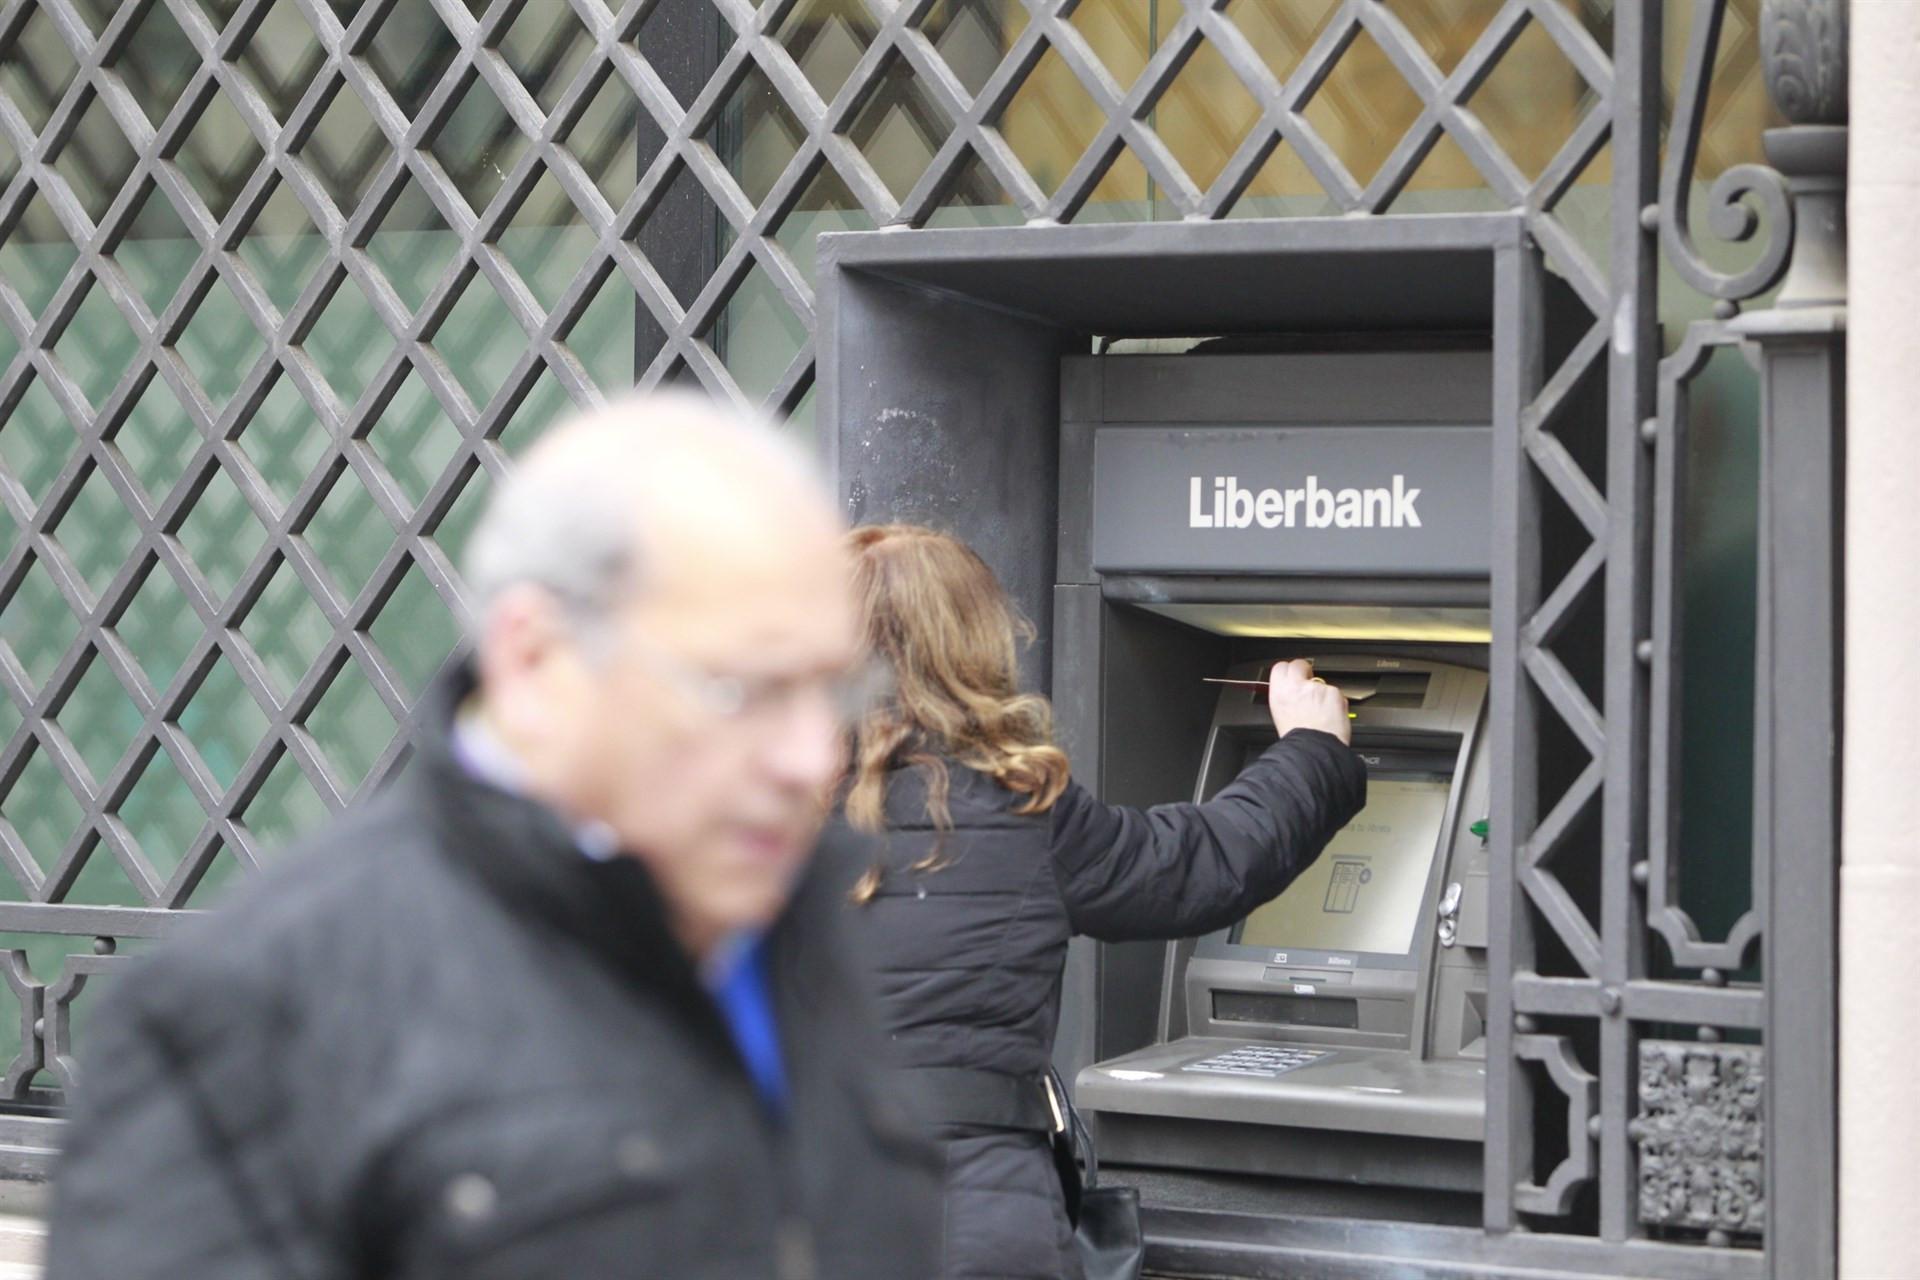 UncajerodeLiberbank